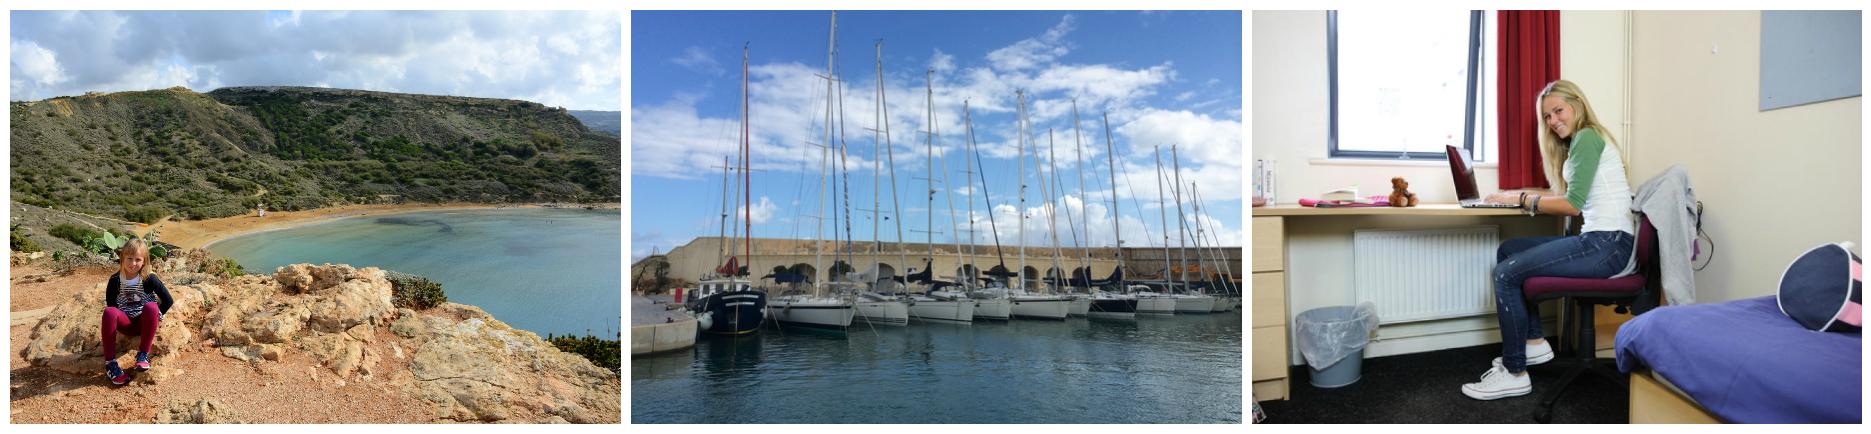 коллаж об осенних каникулах для детей на Мальте